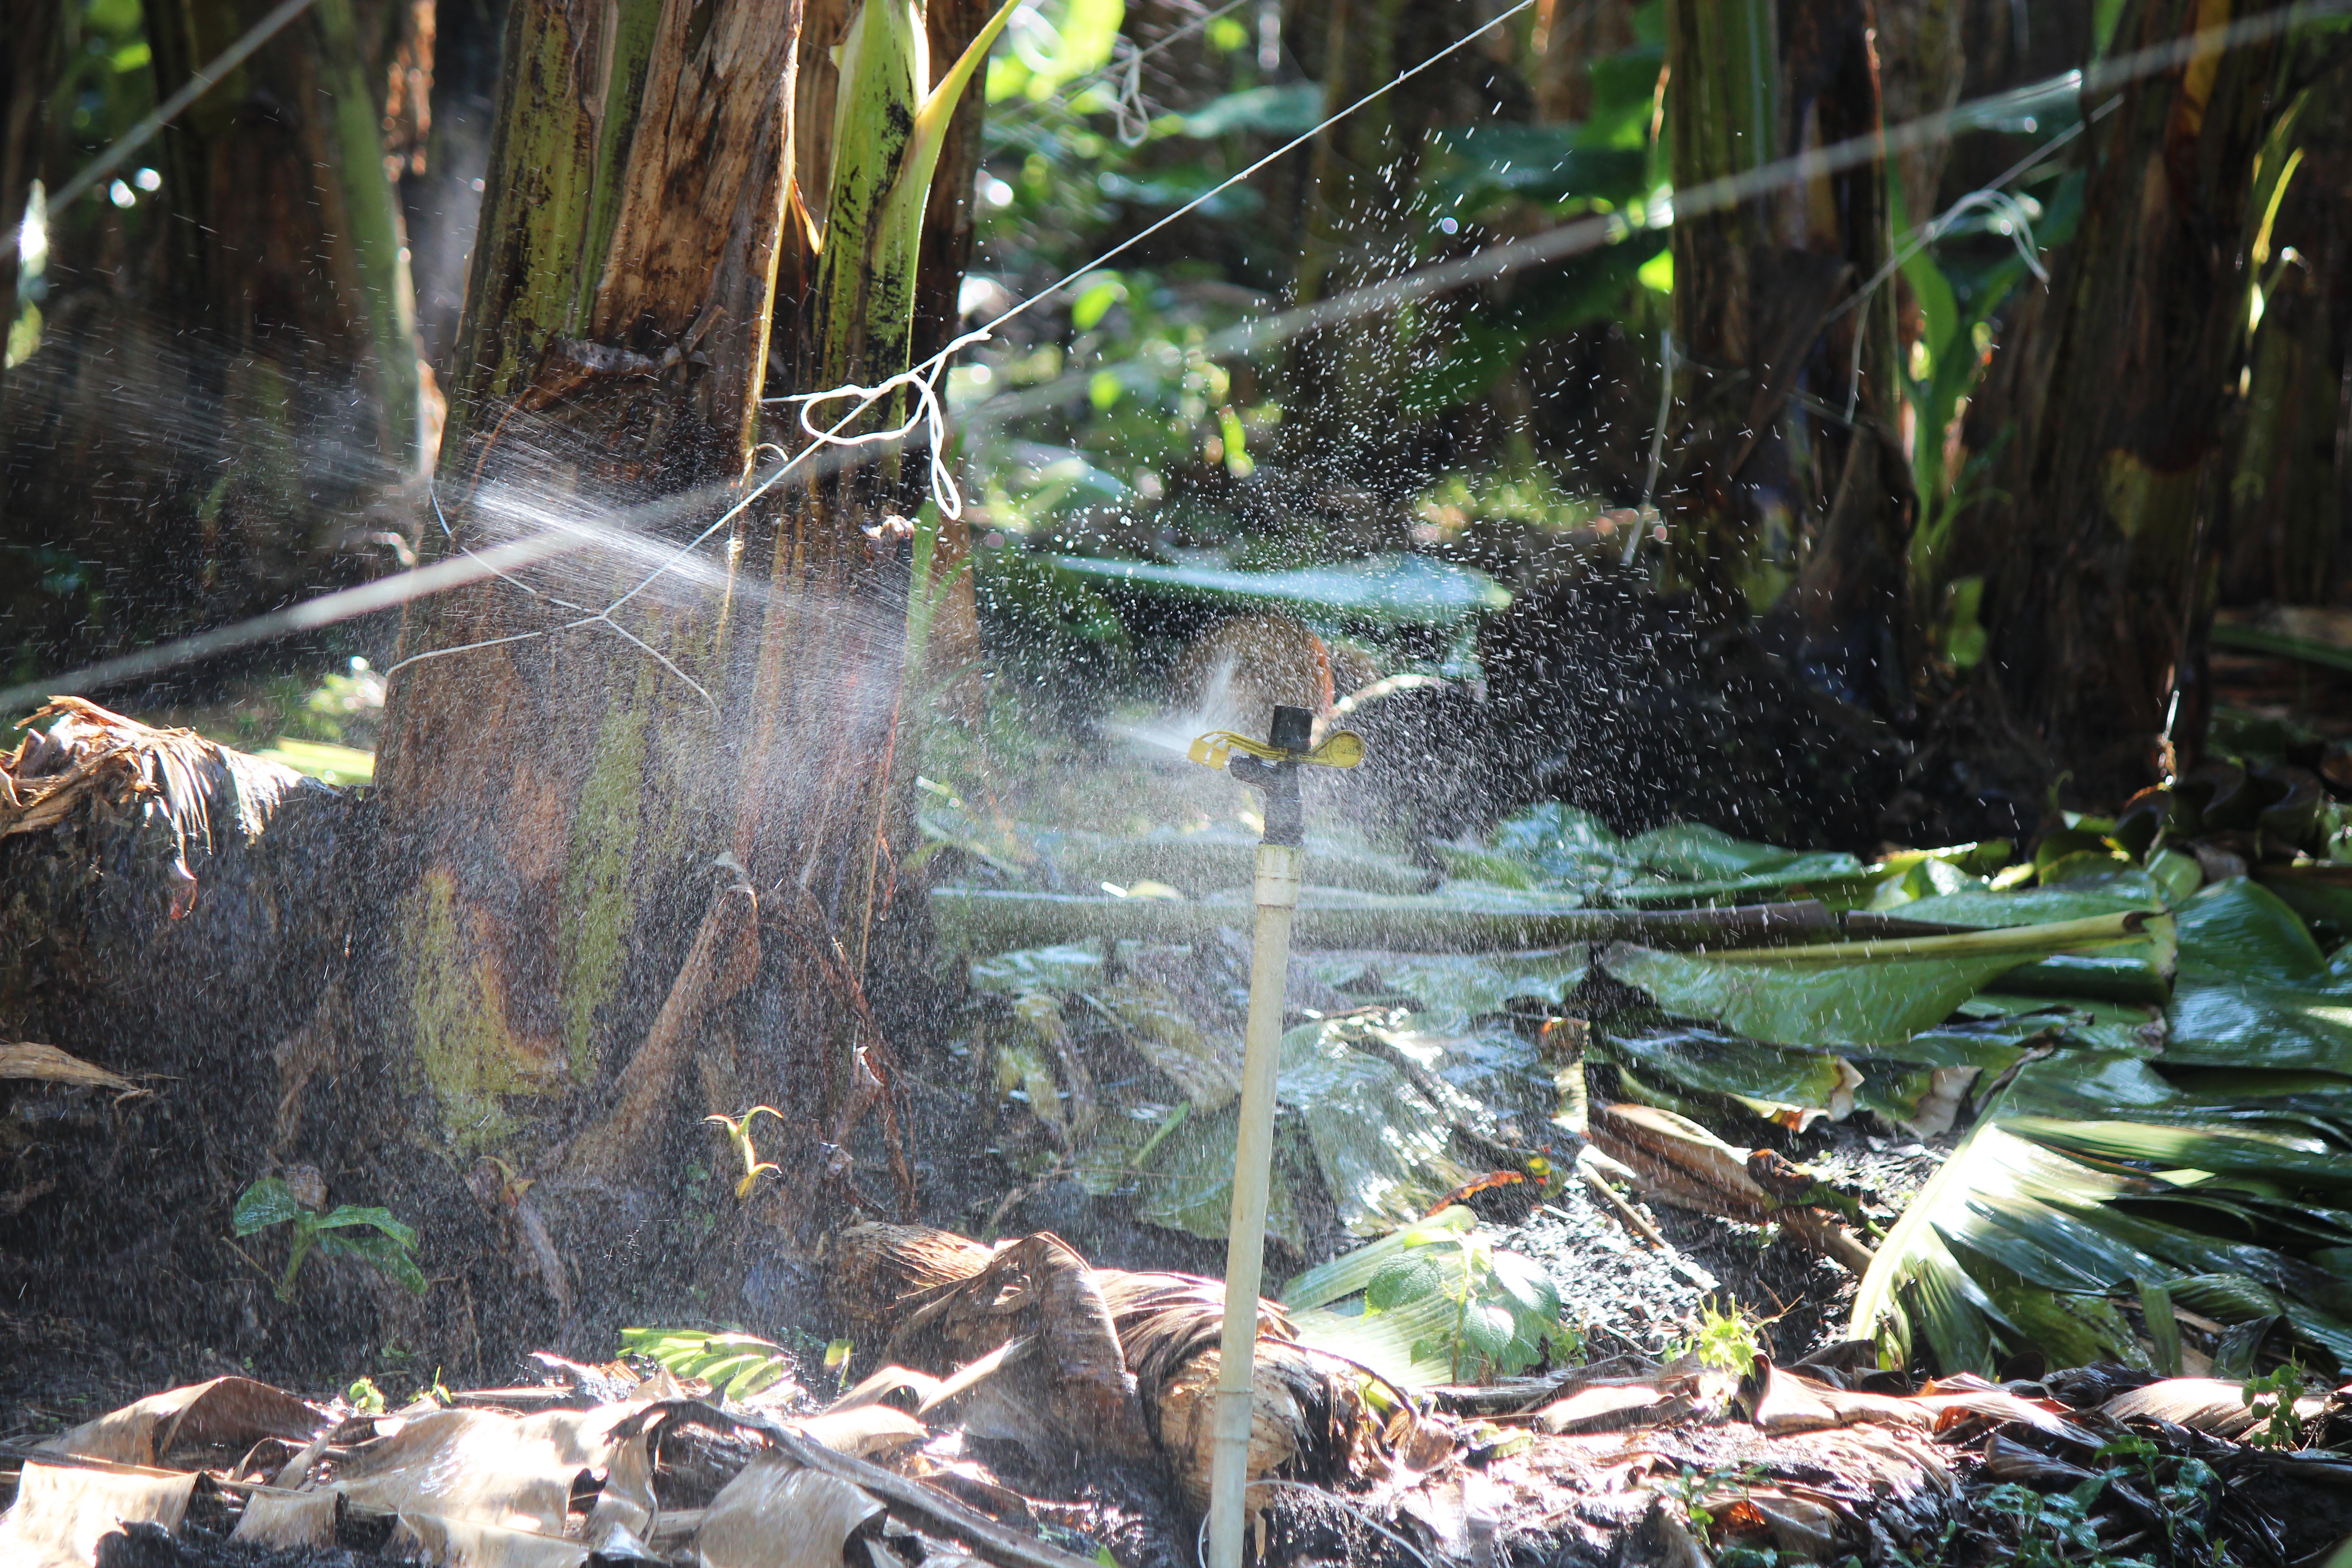 20 Series Impact Sprinkler - 2014 in Bananas